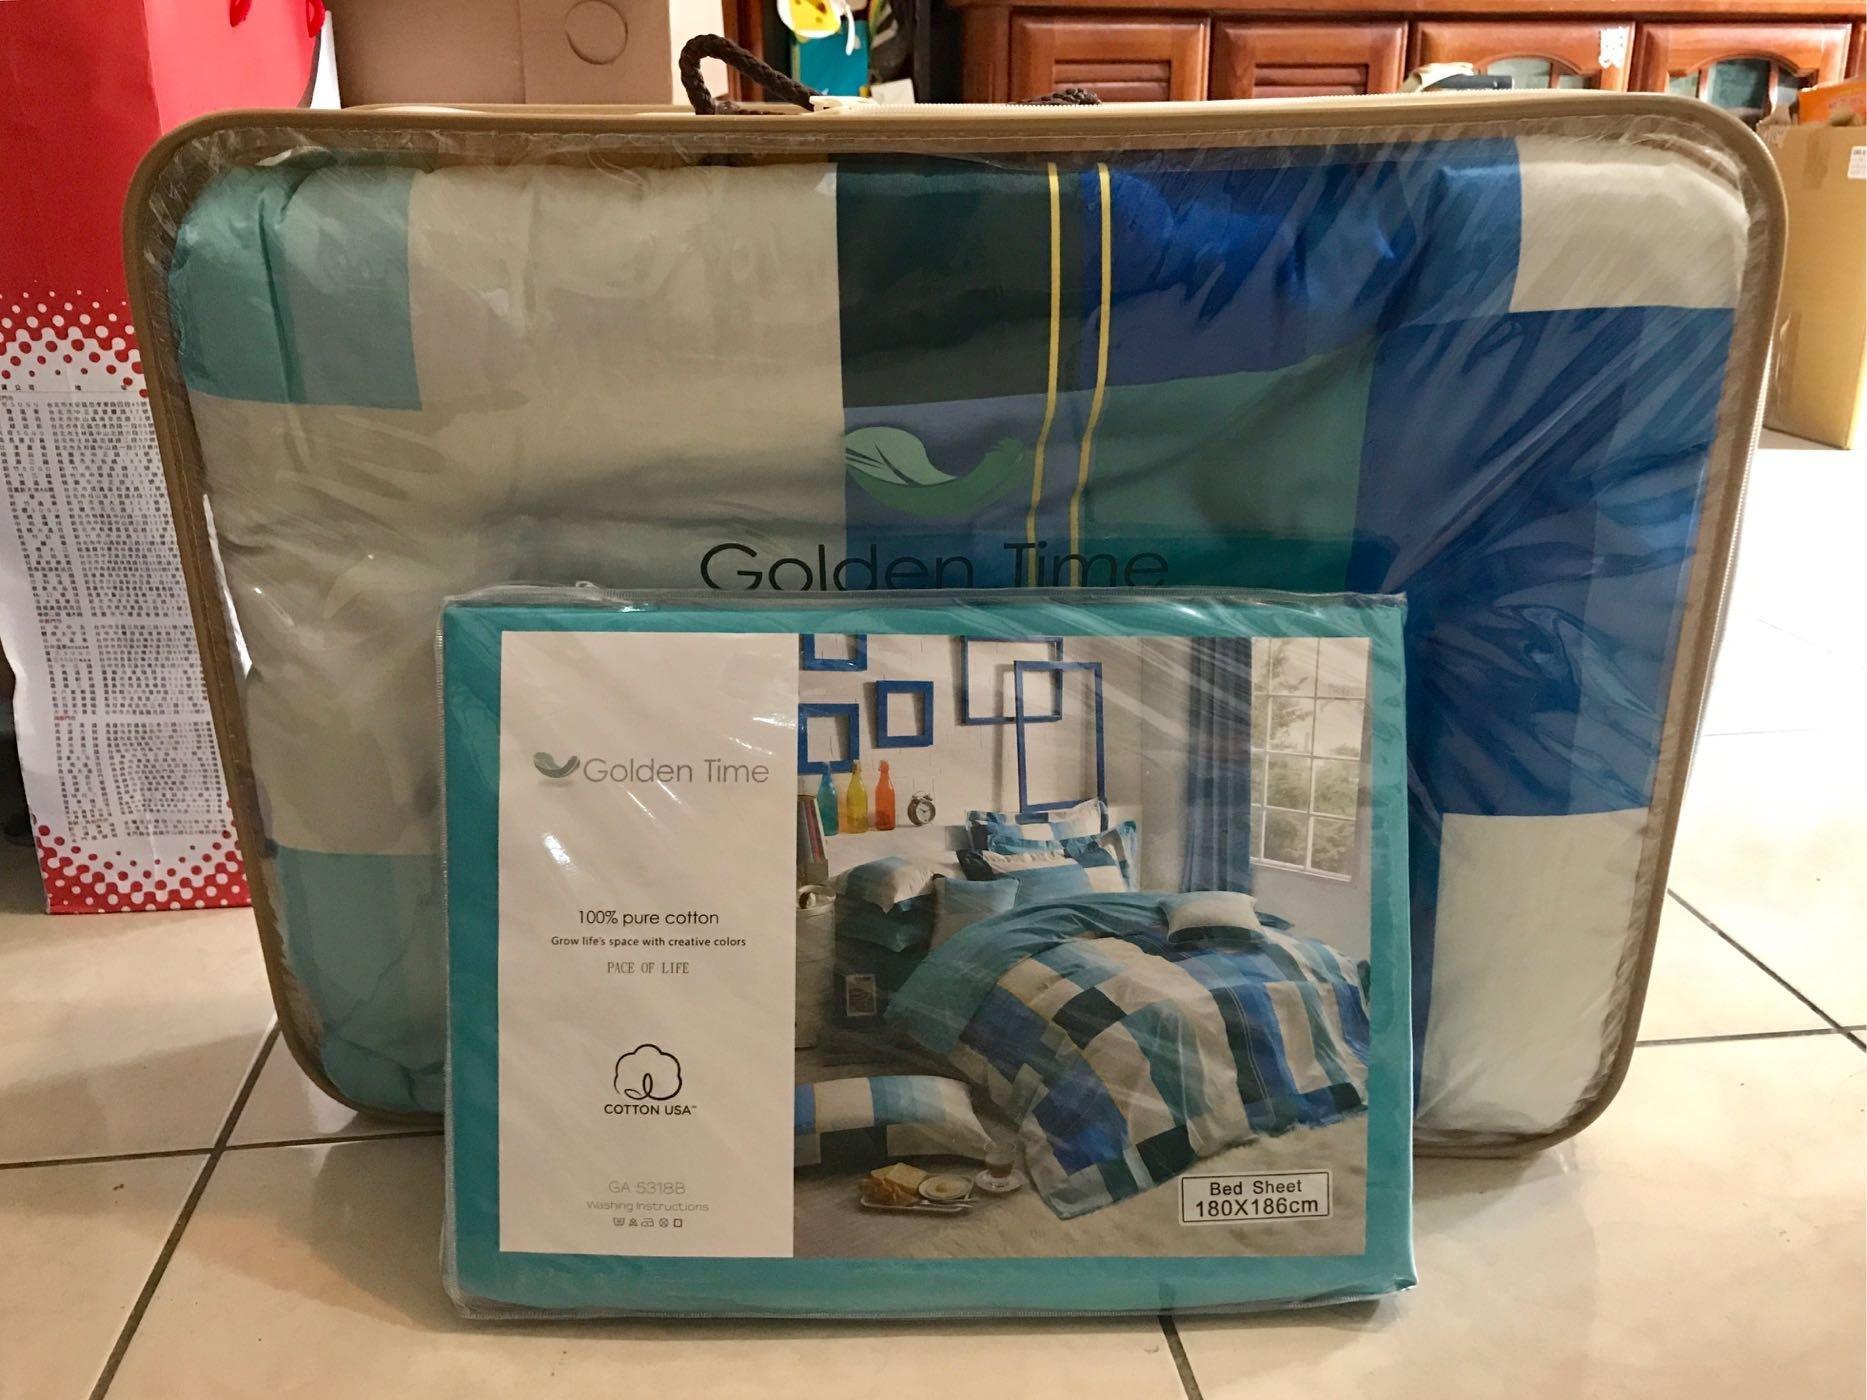 全新夢特嬌Golden Time系列100%純棉200織紗精梳棉床包組(床包+2枕套+兩用被)台灣製